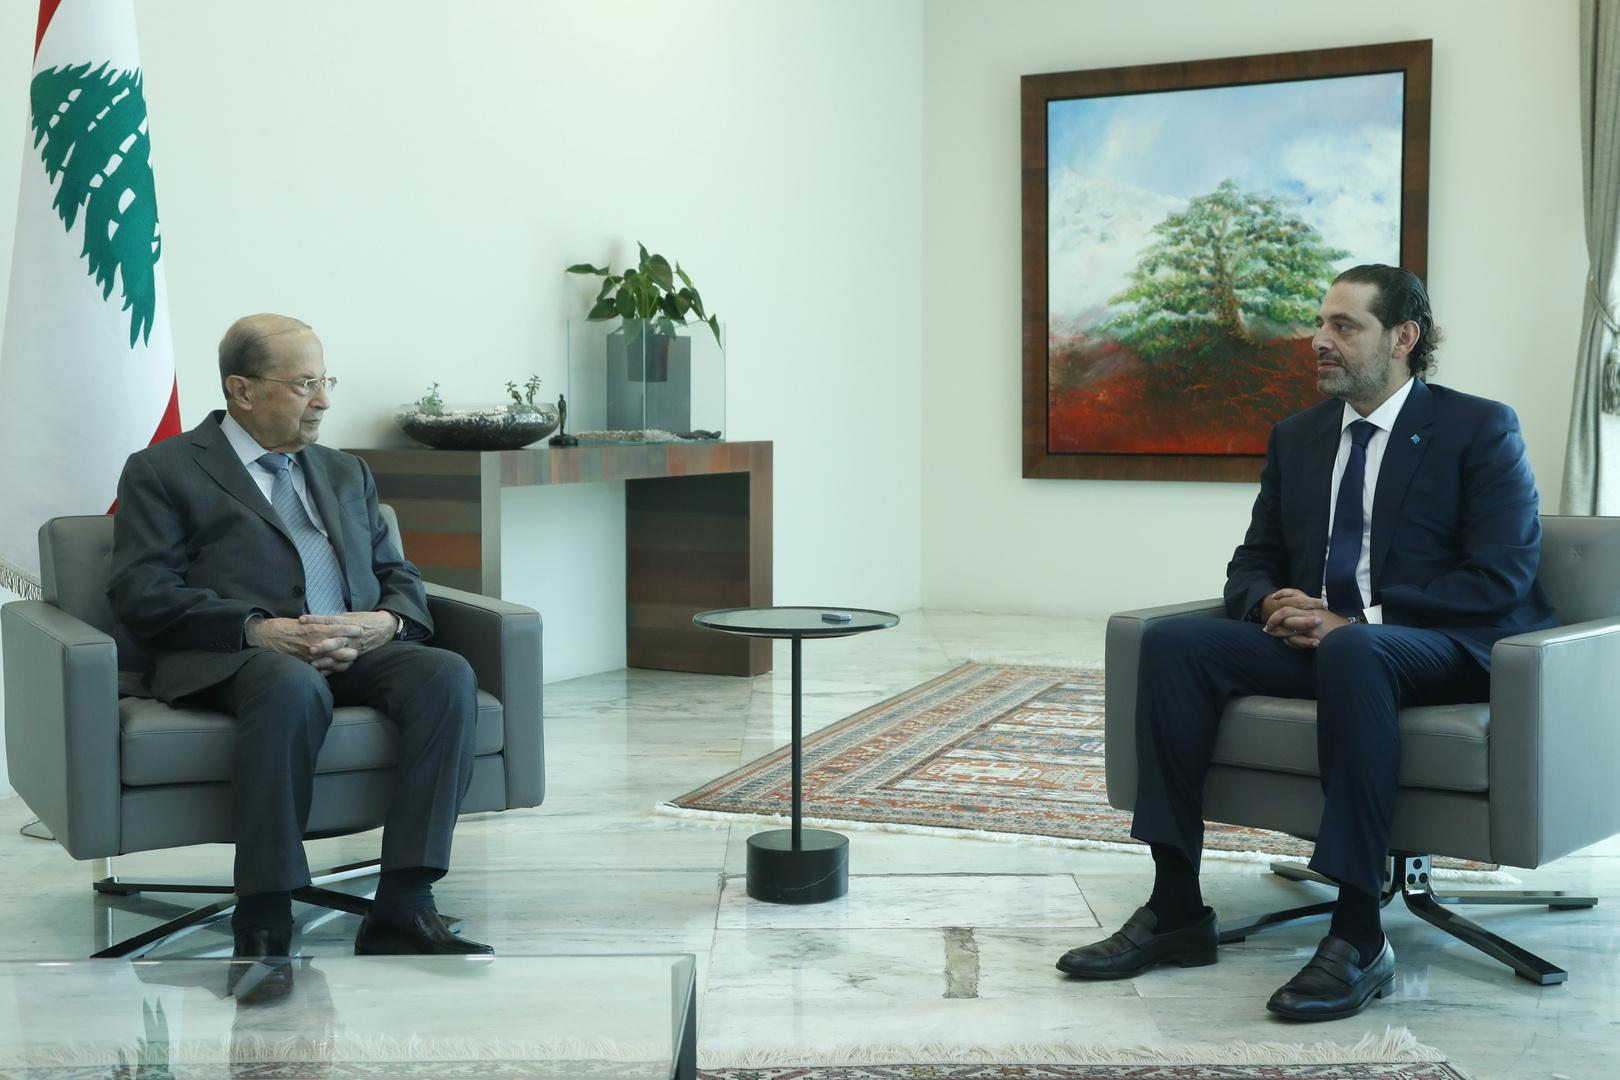 الرئاسة اللبنانية: التشكيلة الحكومية التي قدمها الحريري تختلف عن المتفق عليه